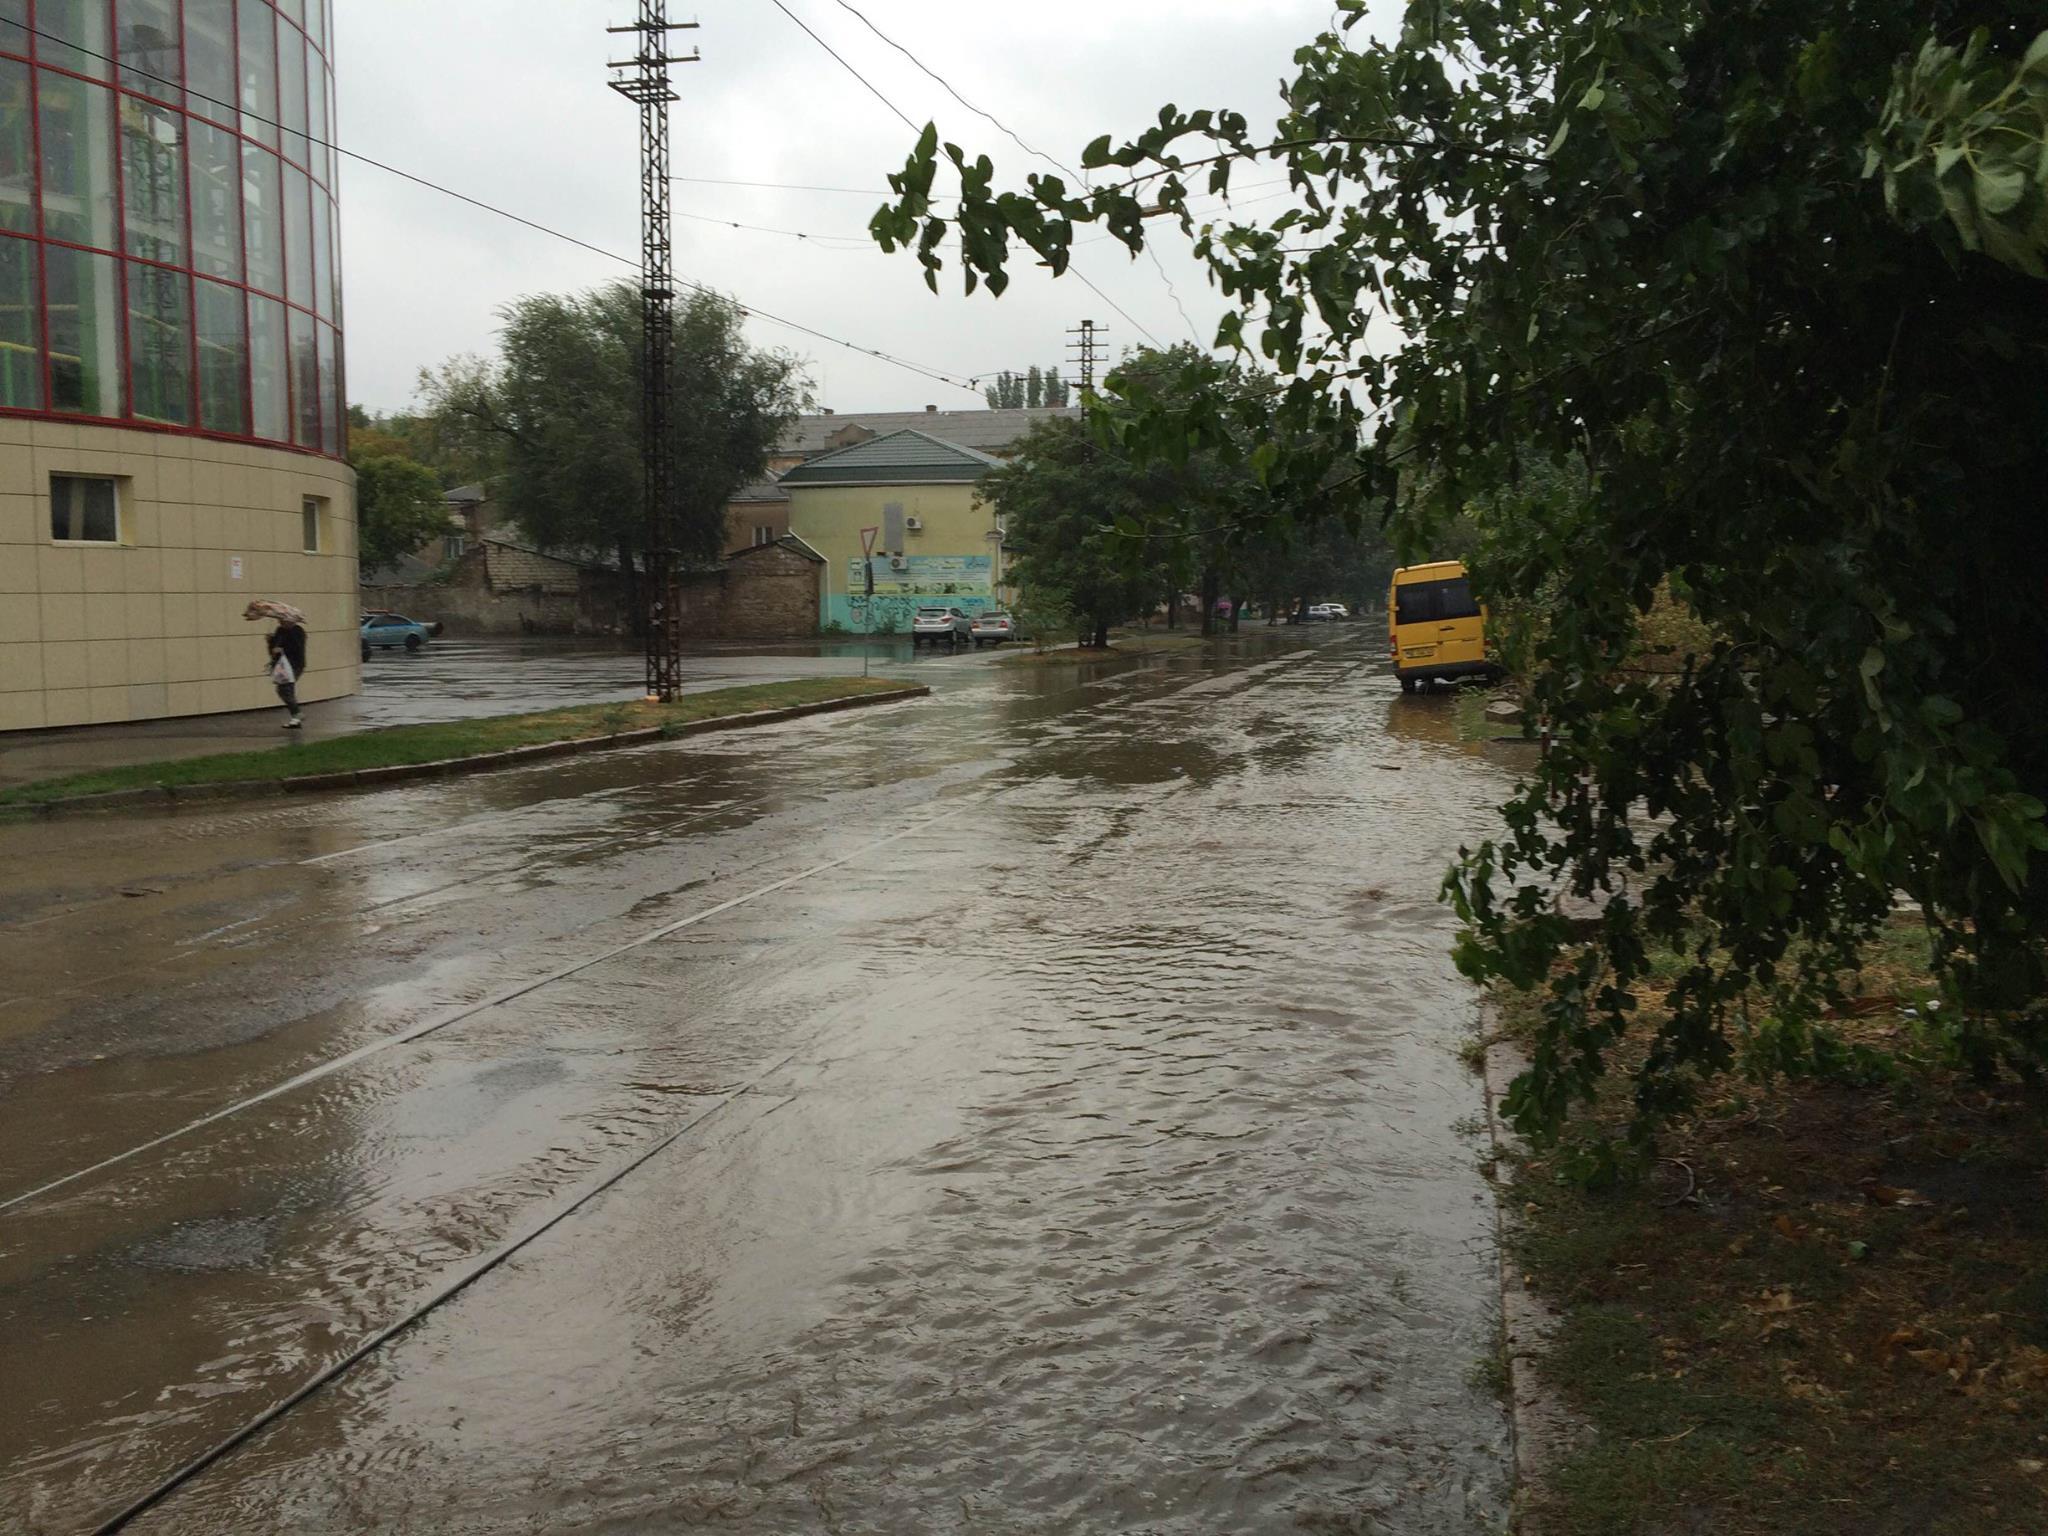 Миколаїв поплив: осінній дощ змусив городян вдягти гумові чоботи - фото 1